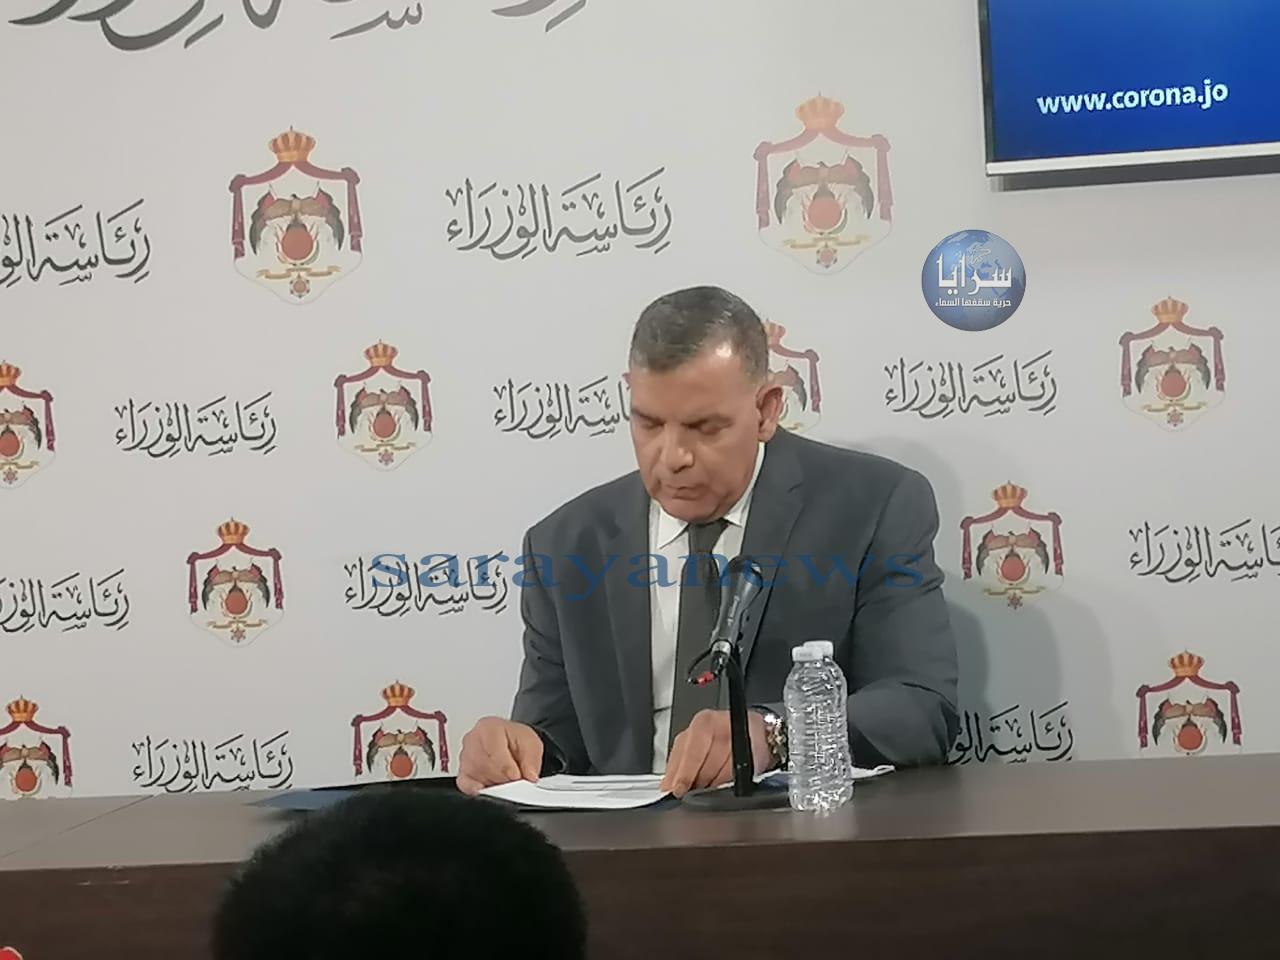 جابر لسرايا: الوضع الوبائي في العالم لا يزال خطرا وعودة الحظر مرهونة بالوضع الوبائي في الأردن داخلياً